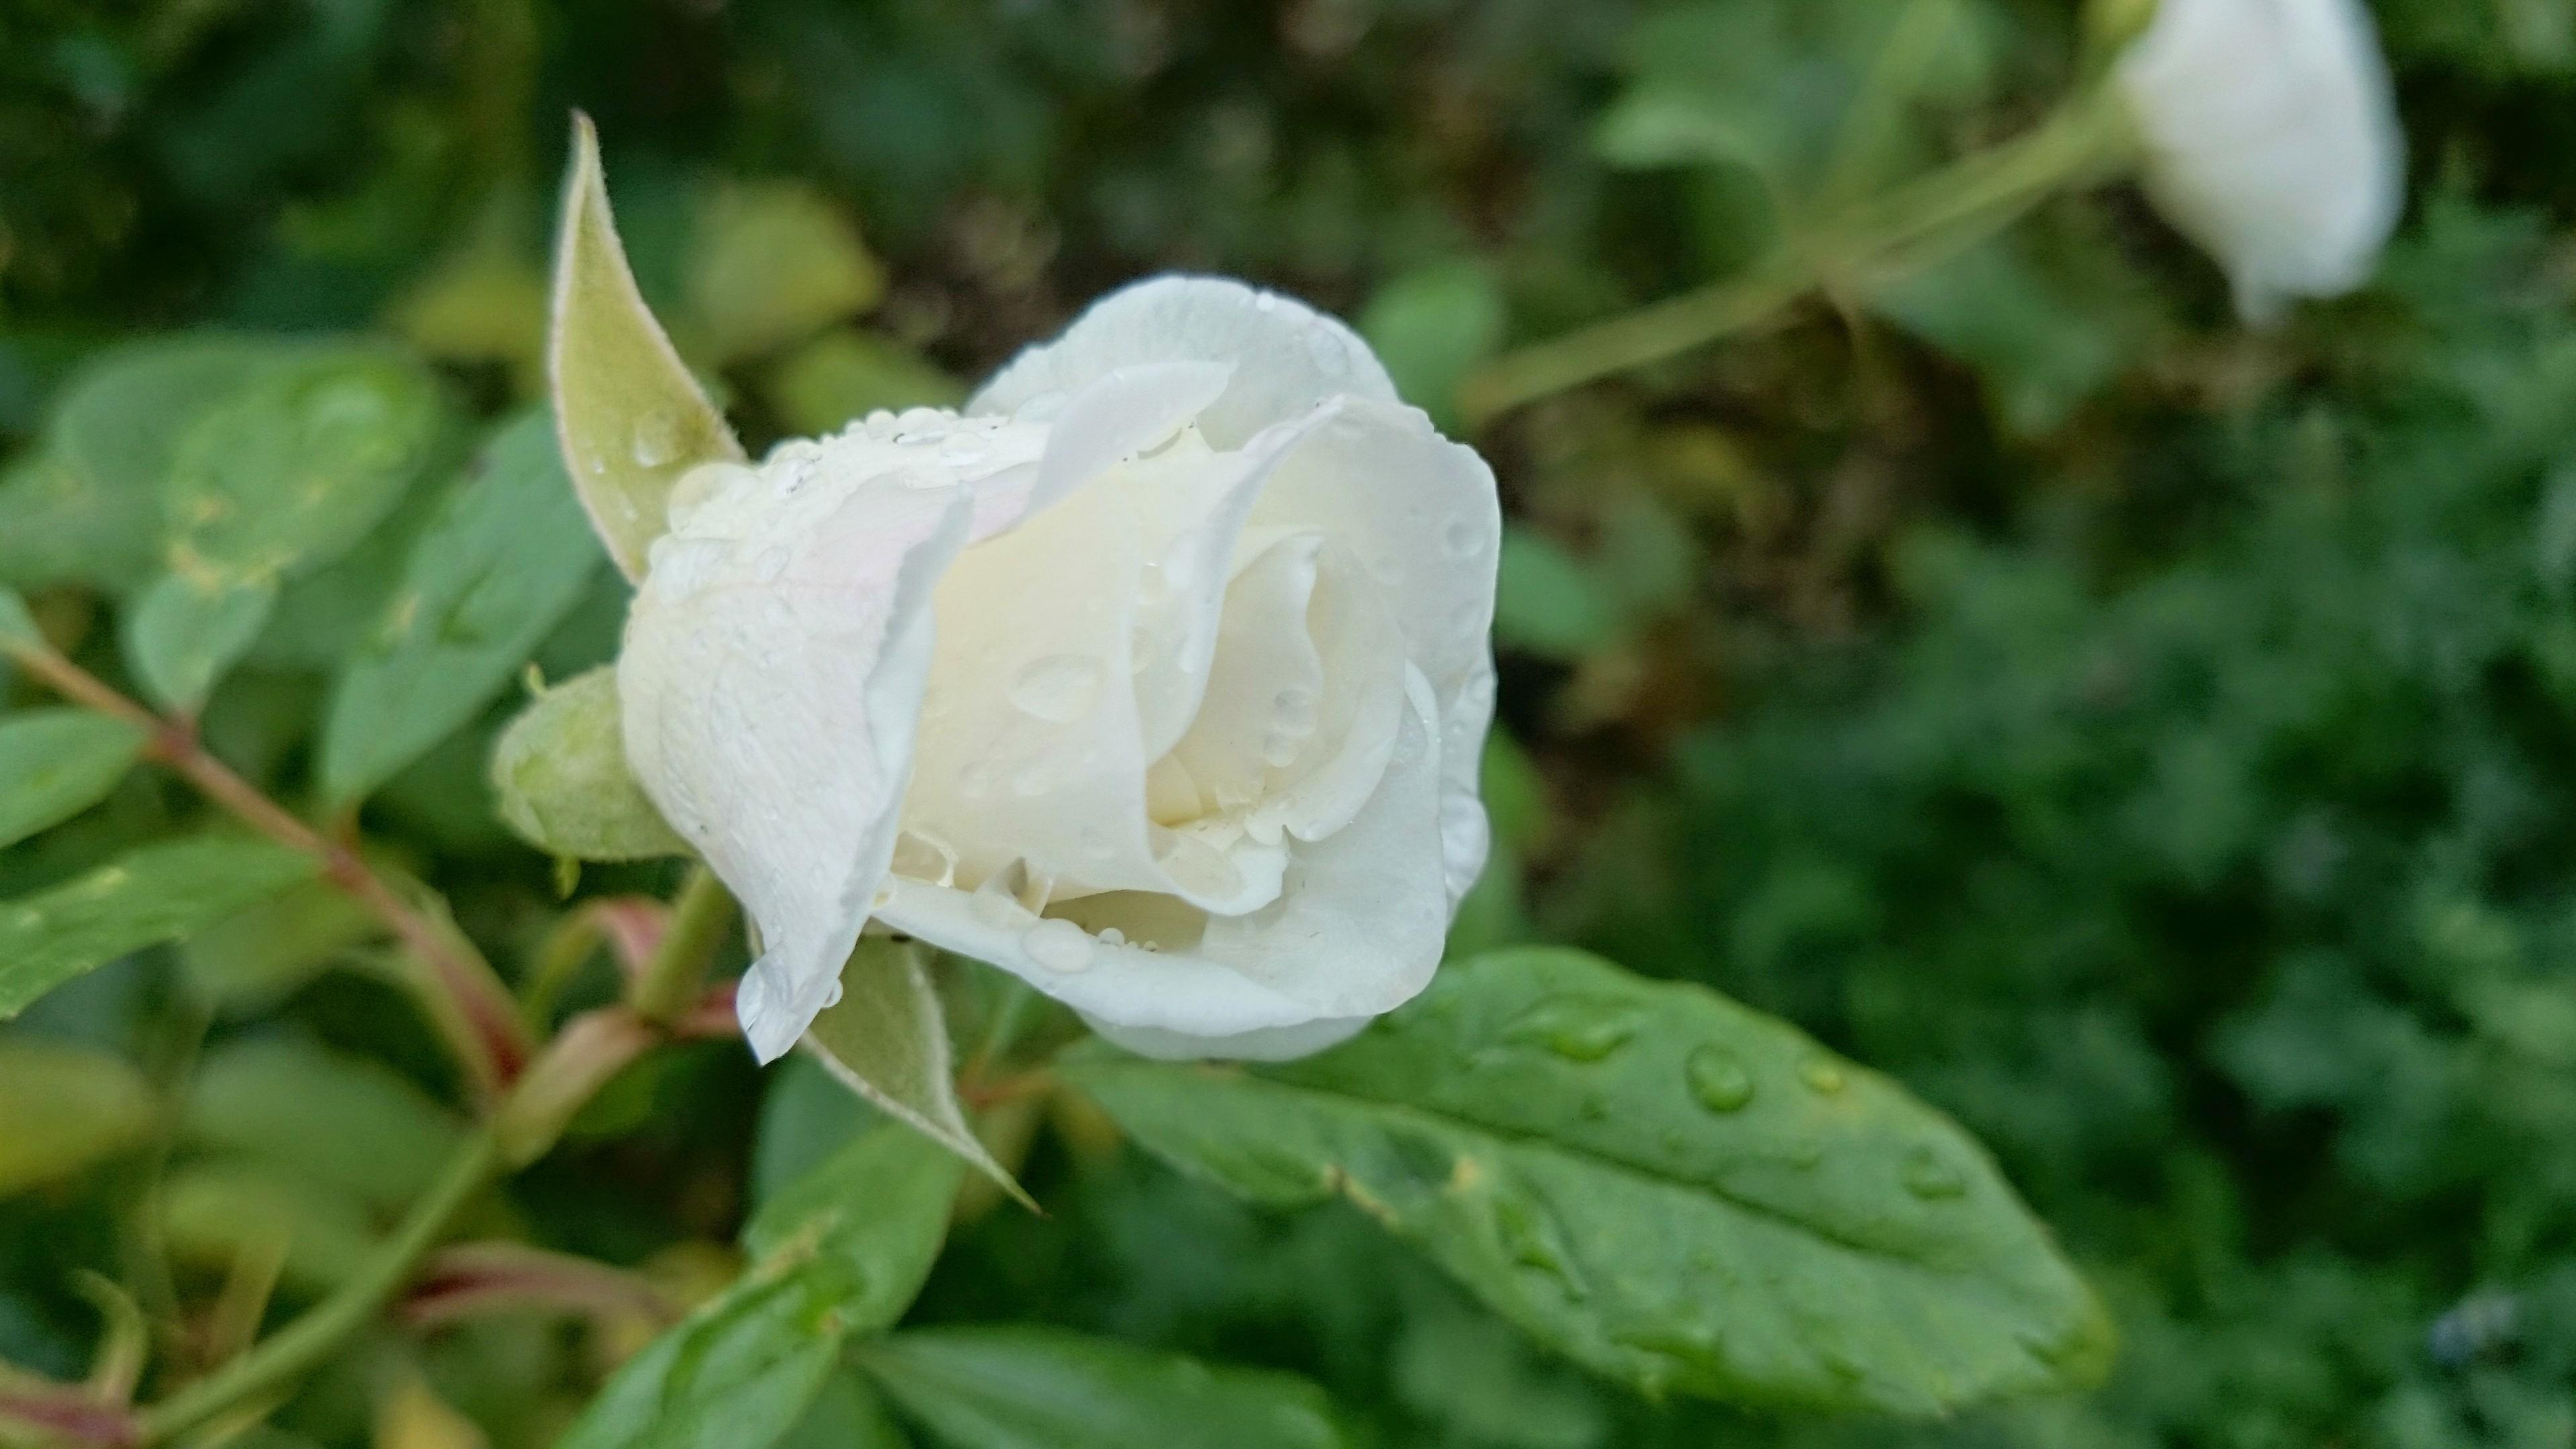 Wet White Rose, Aroma, Hue, Wet, Spring, HQ Photo